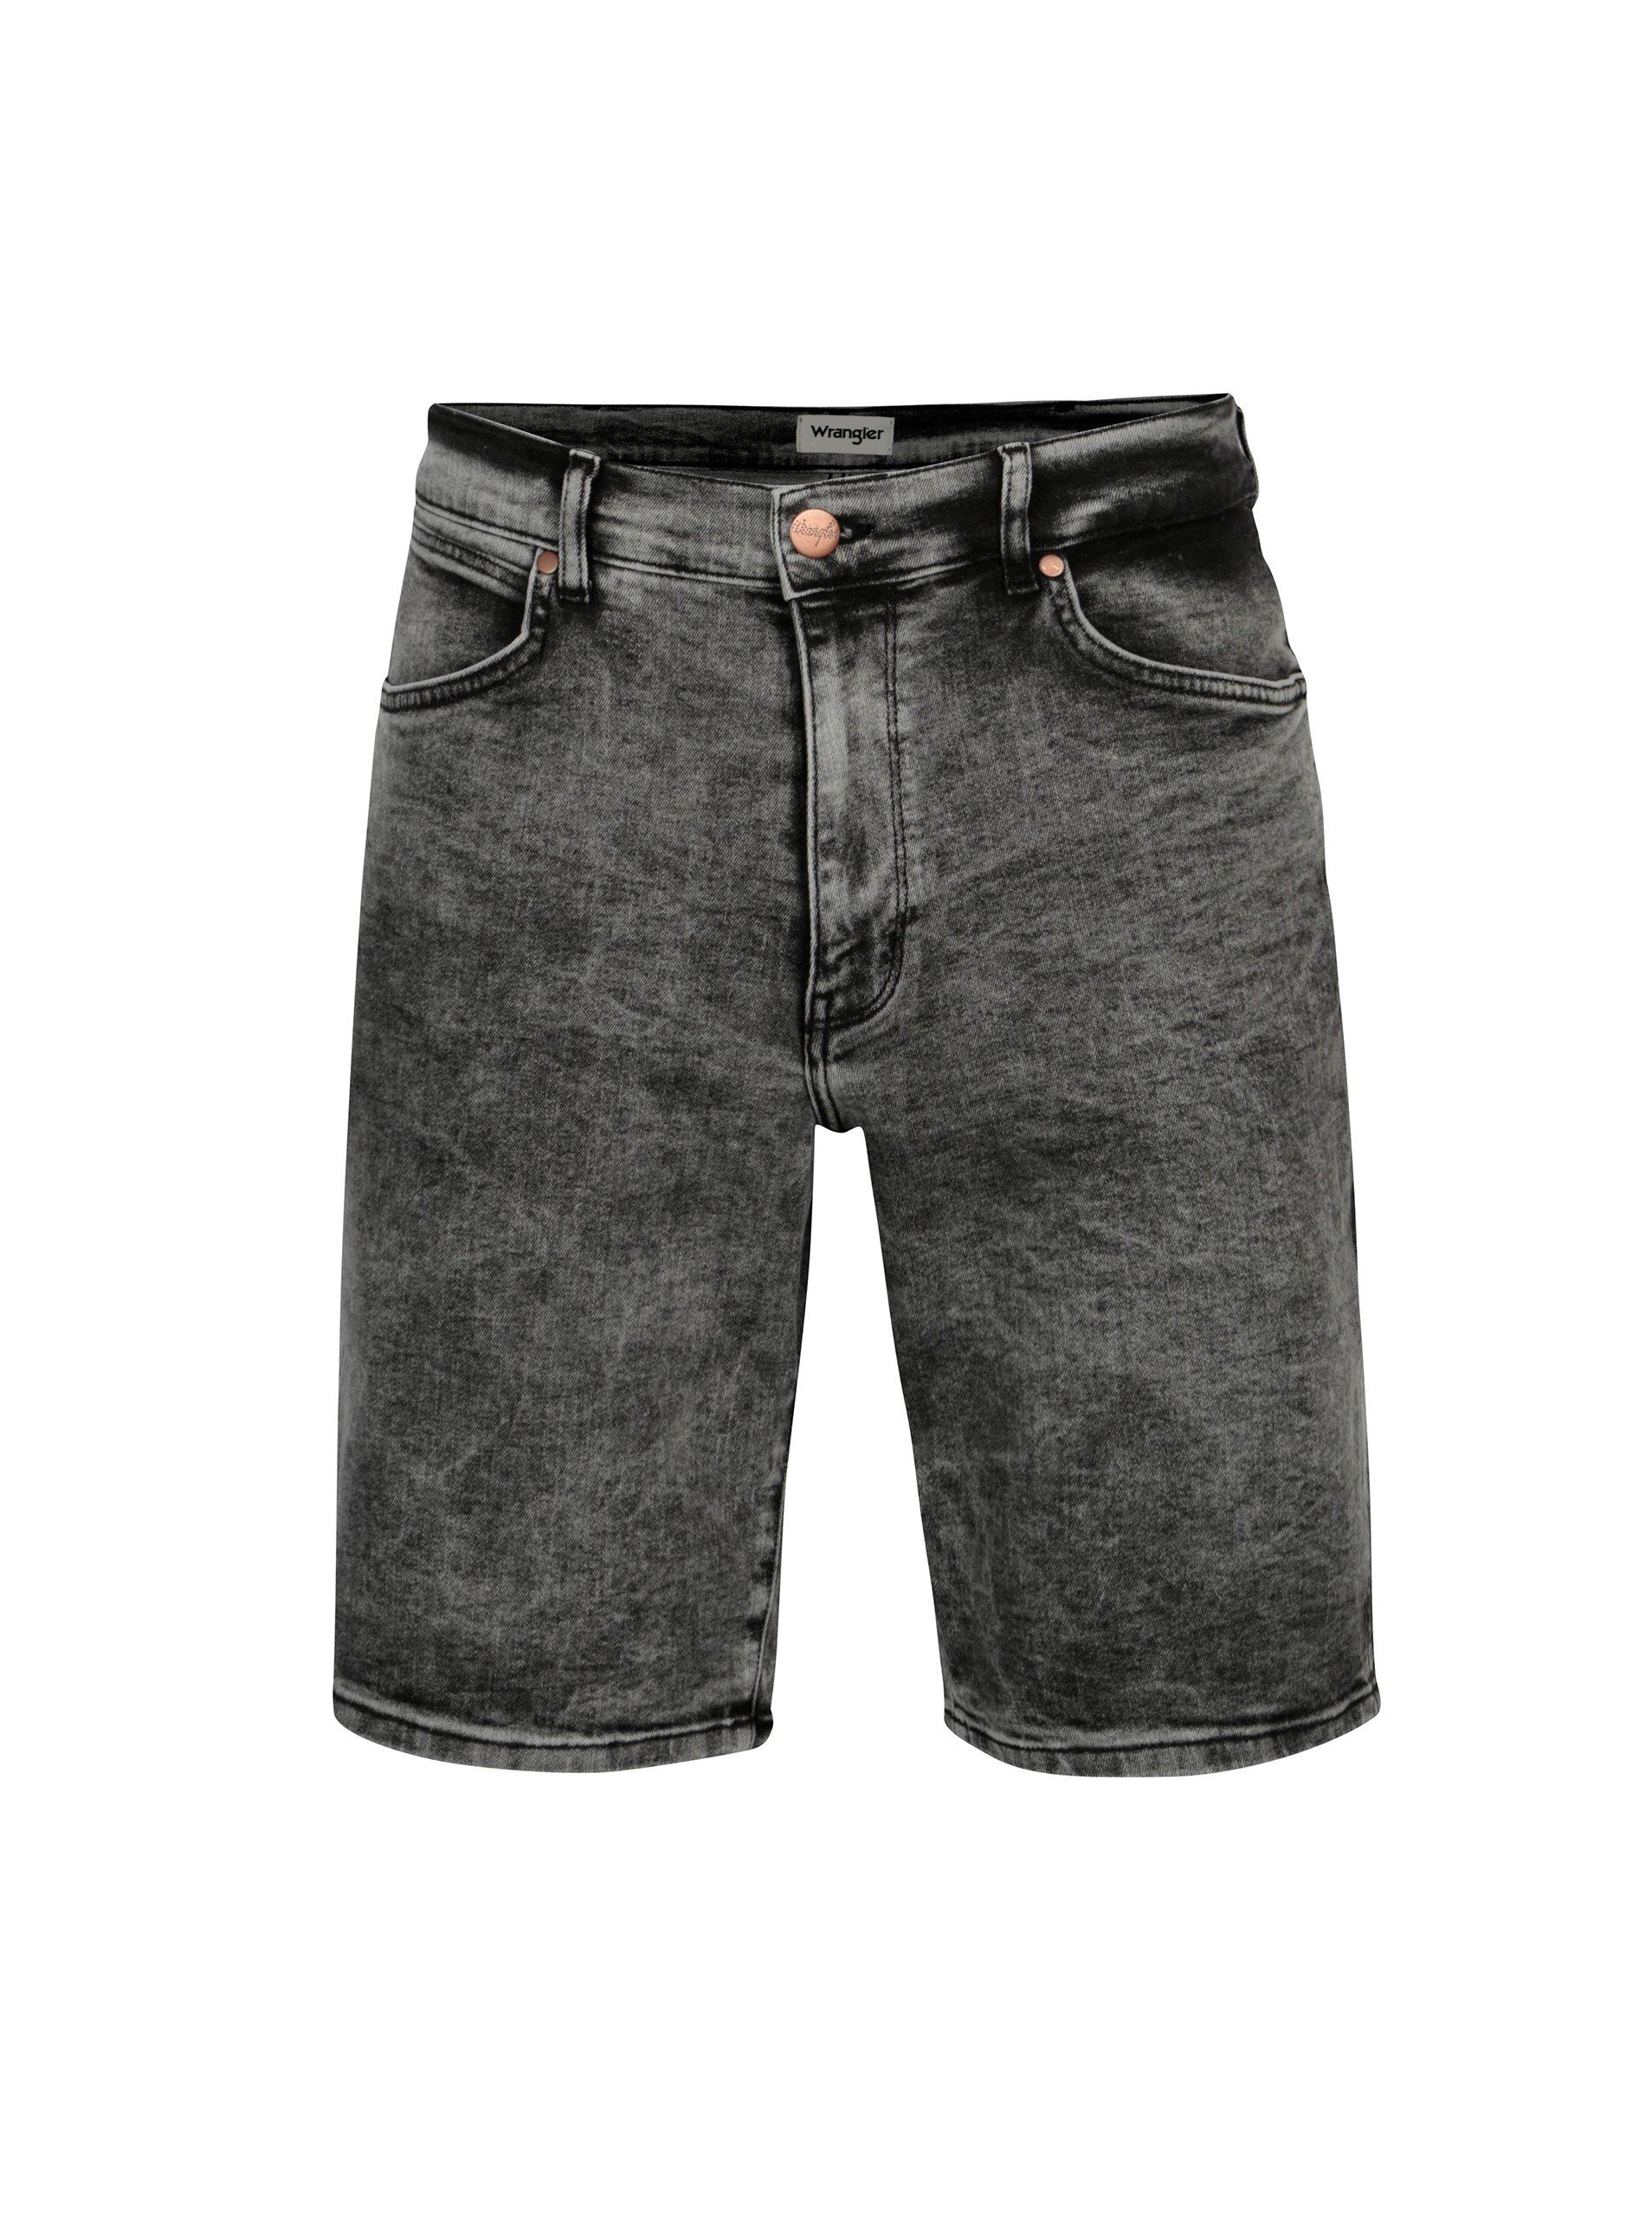 Tmavě šedé pánské džínové kraťasy Wrangler ba650ec54f